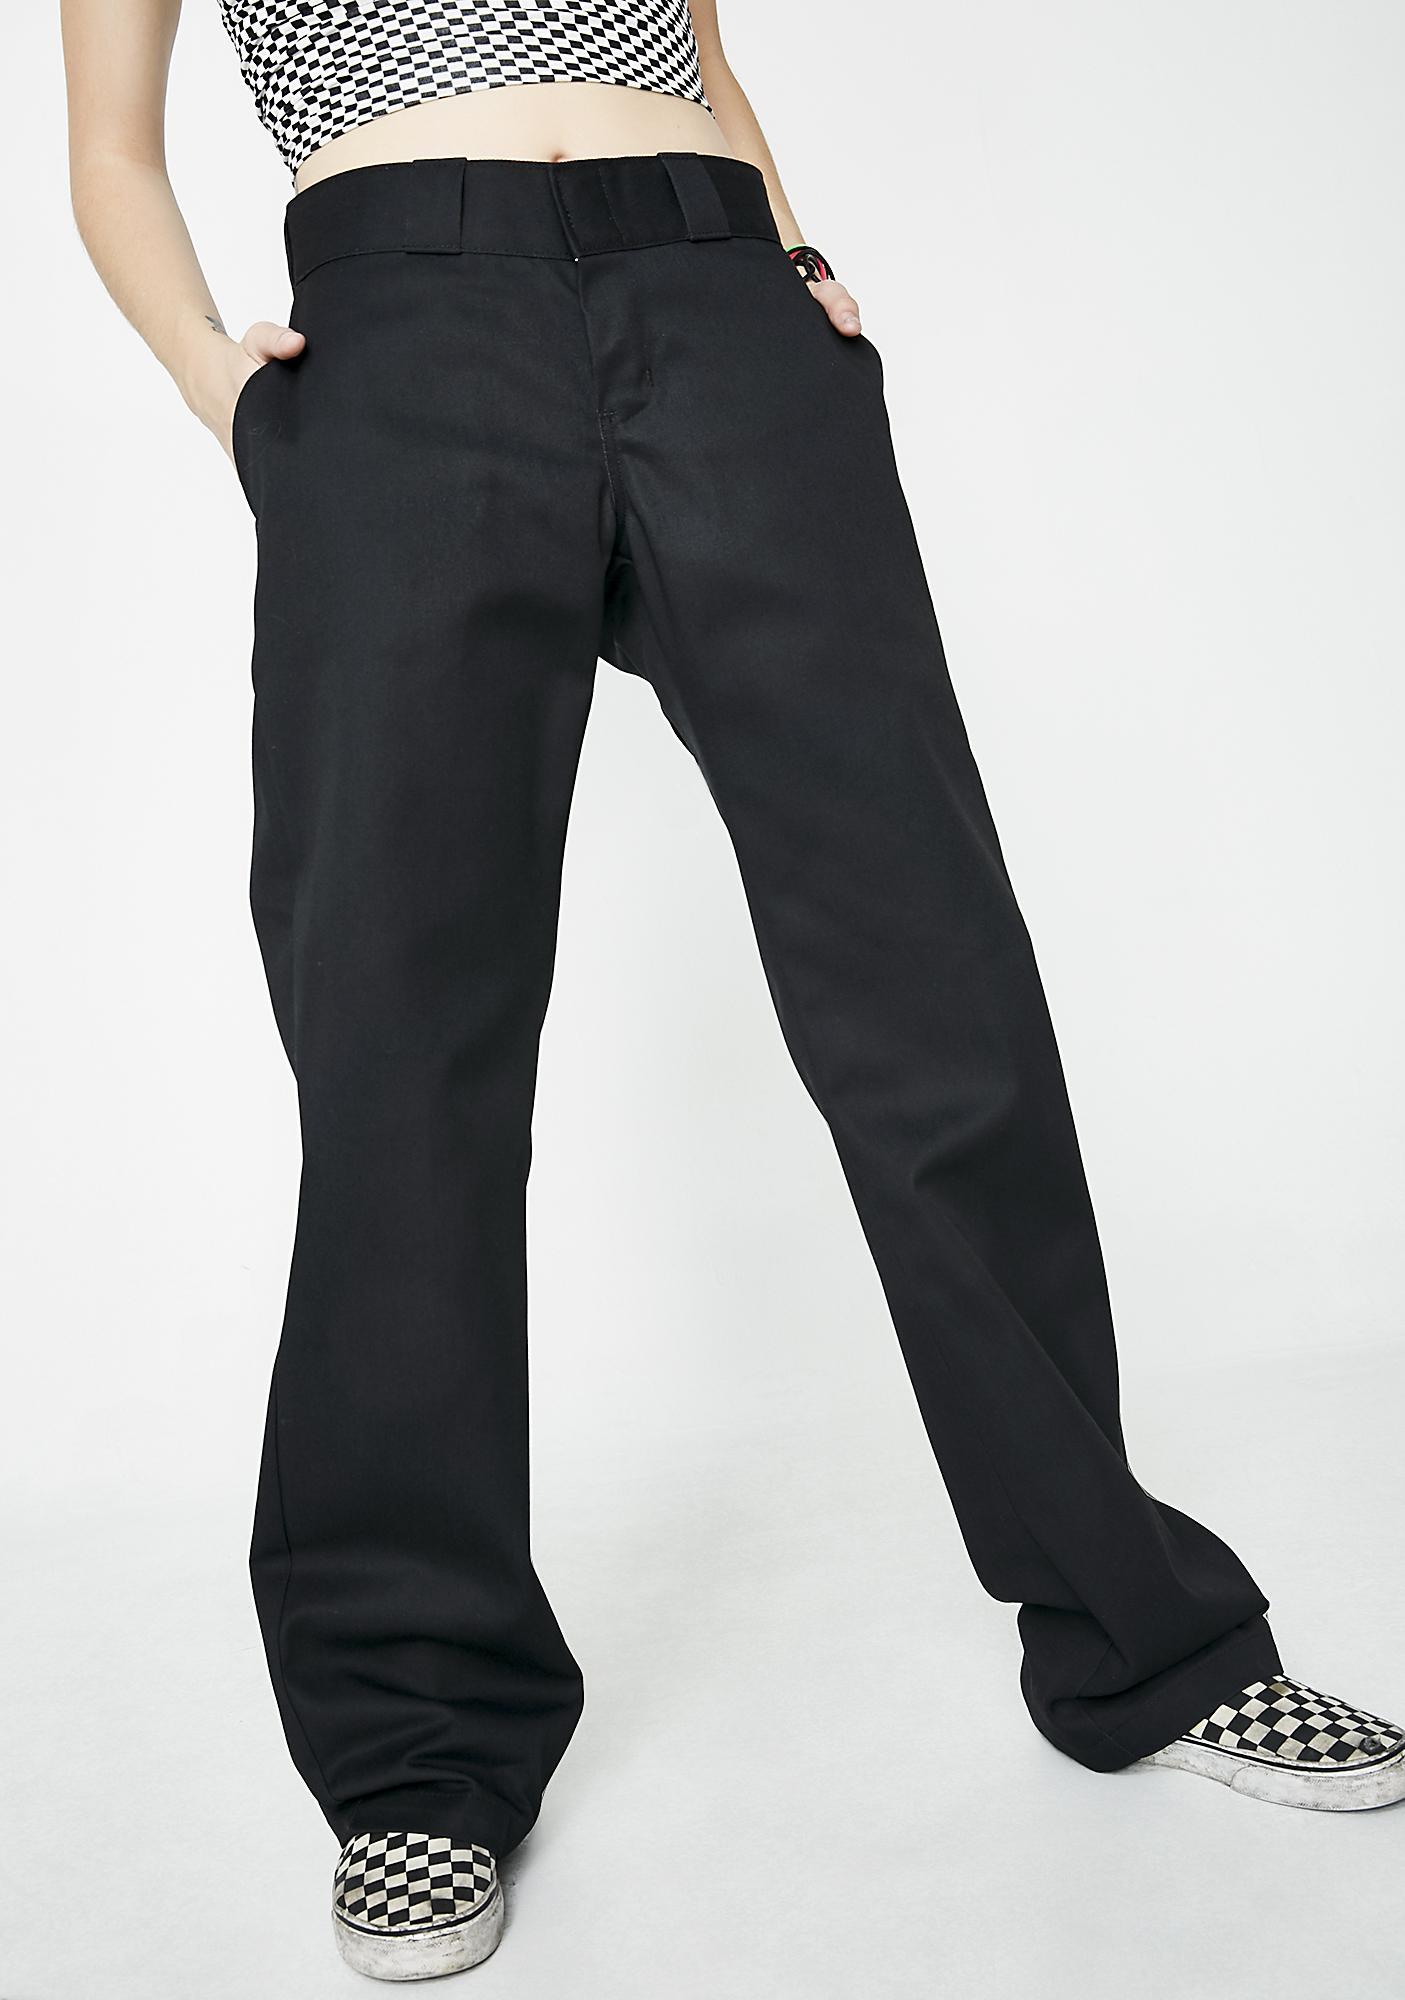 Dickies Dark 774 Original Work Pants